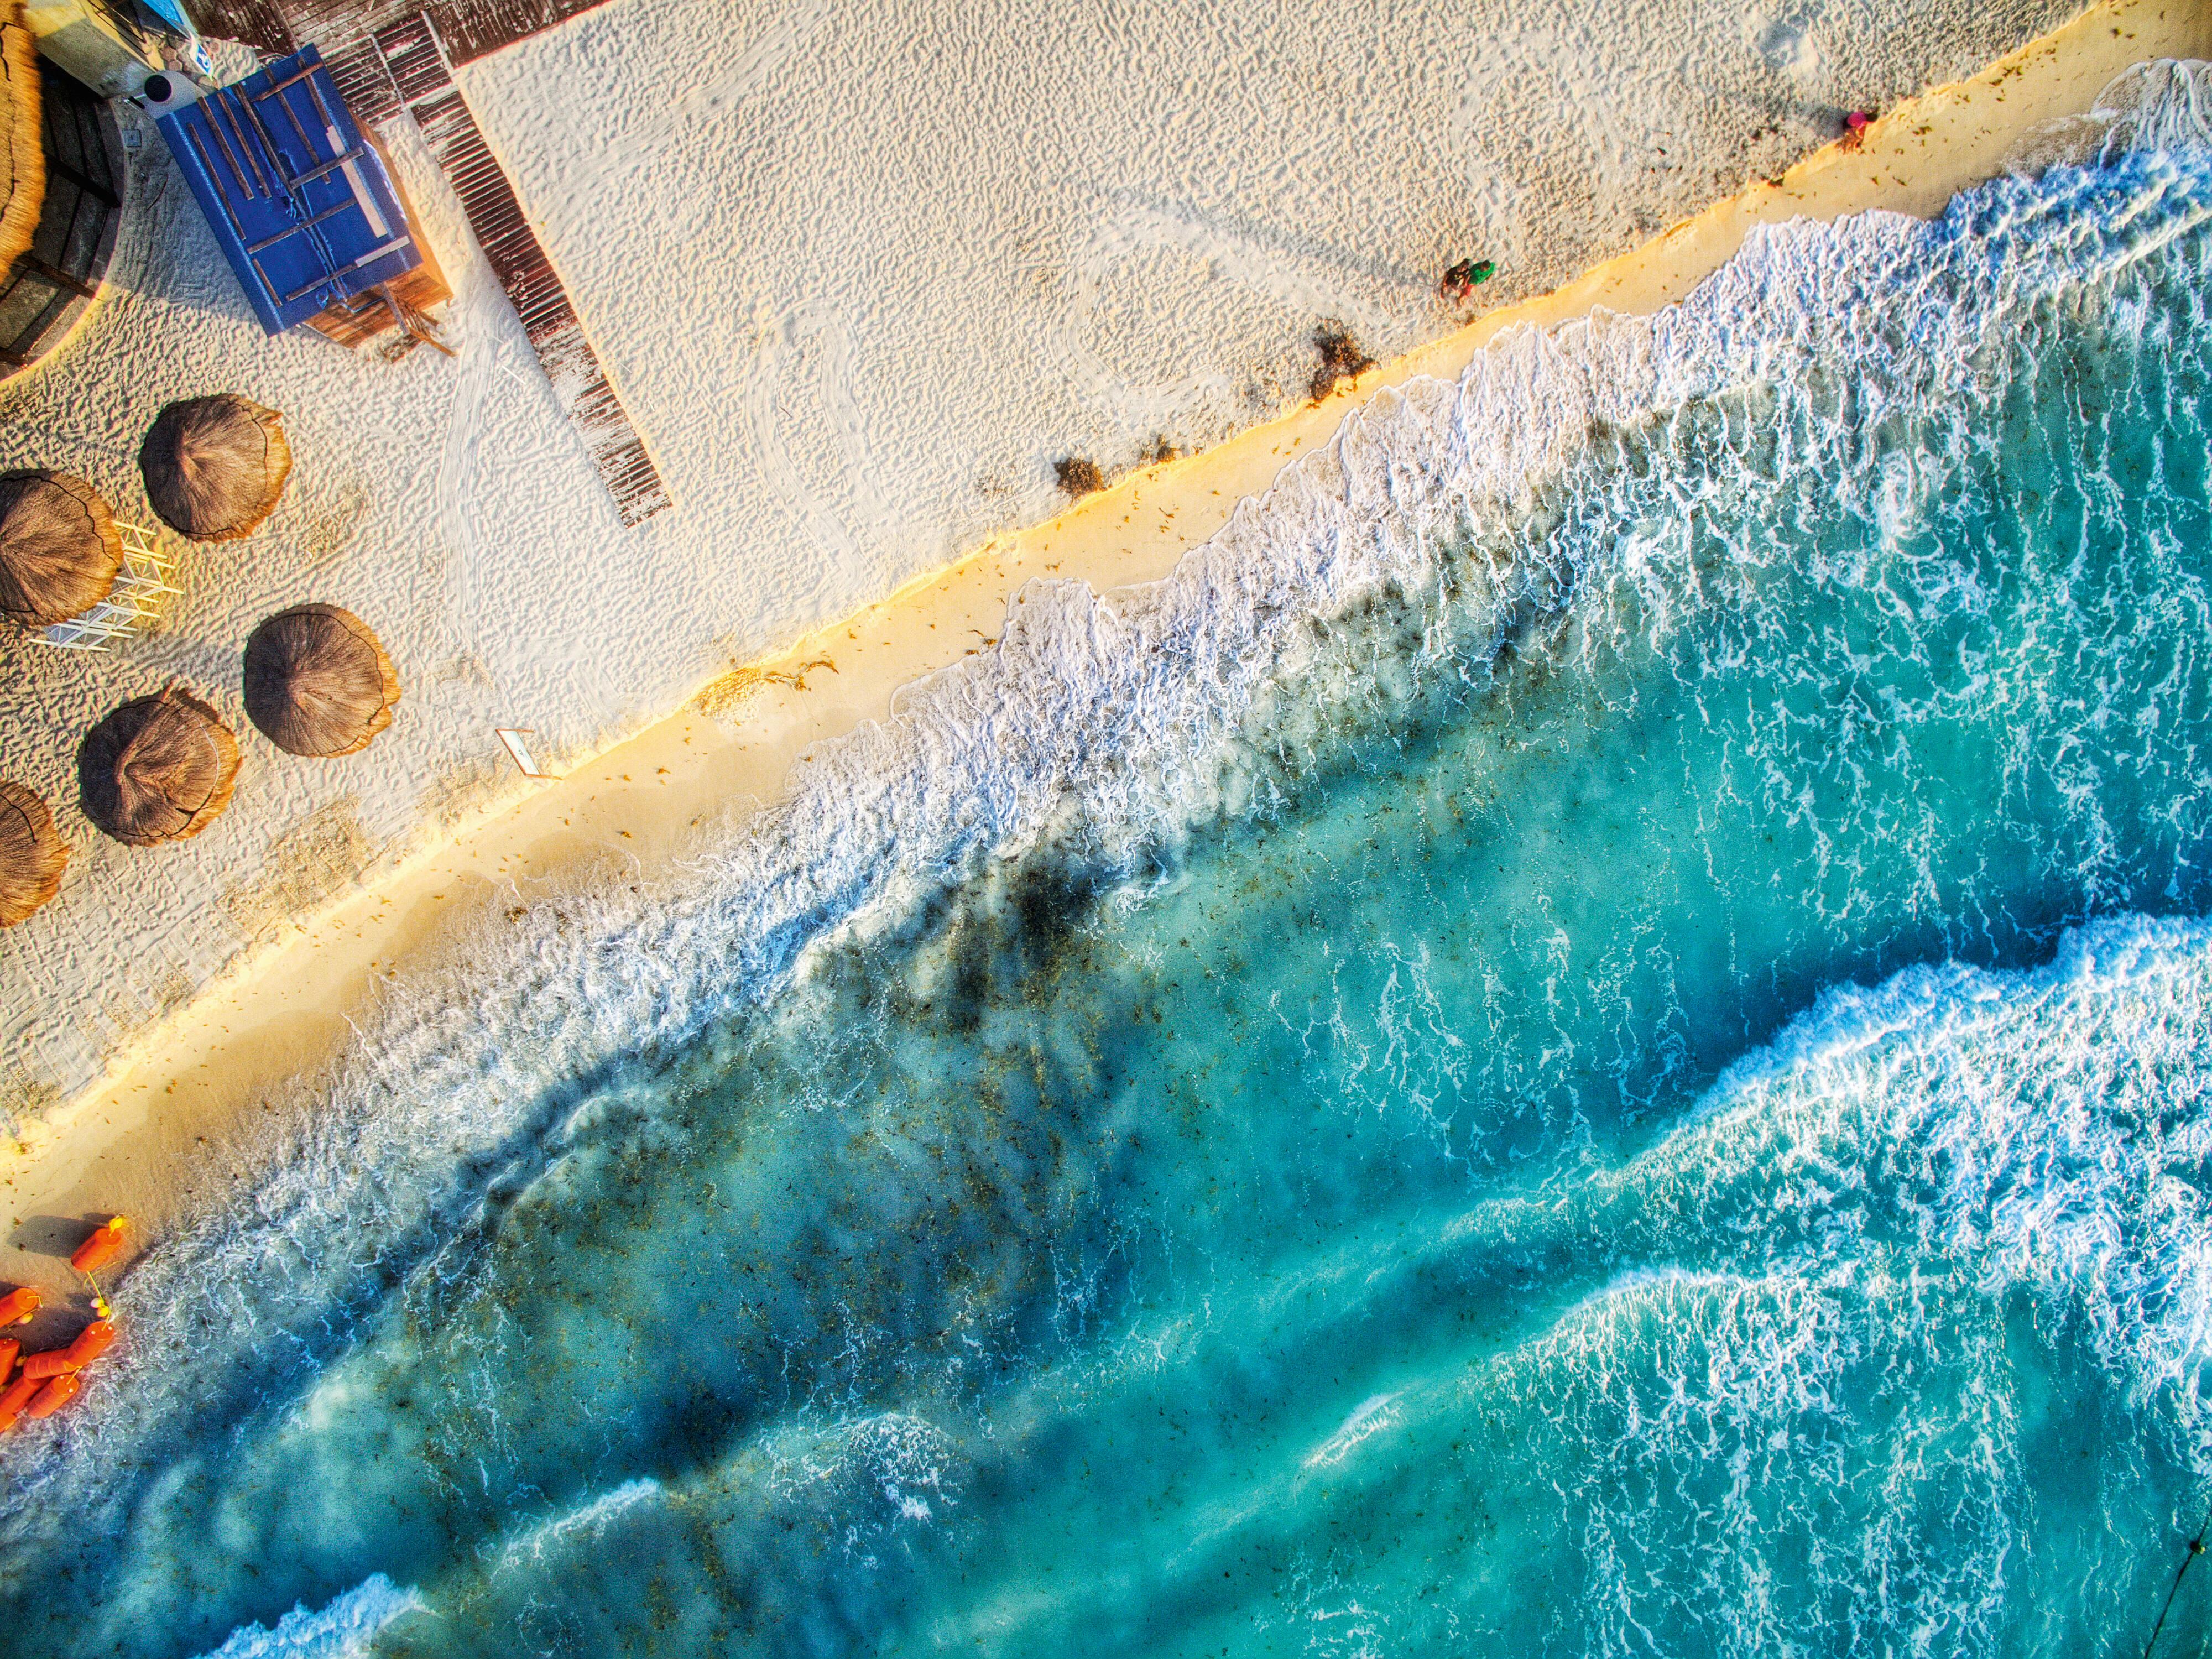 Vista aérea do praia, com metade da foto encoberta por ondas suaves do mar azul